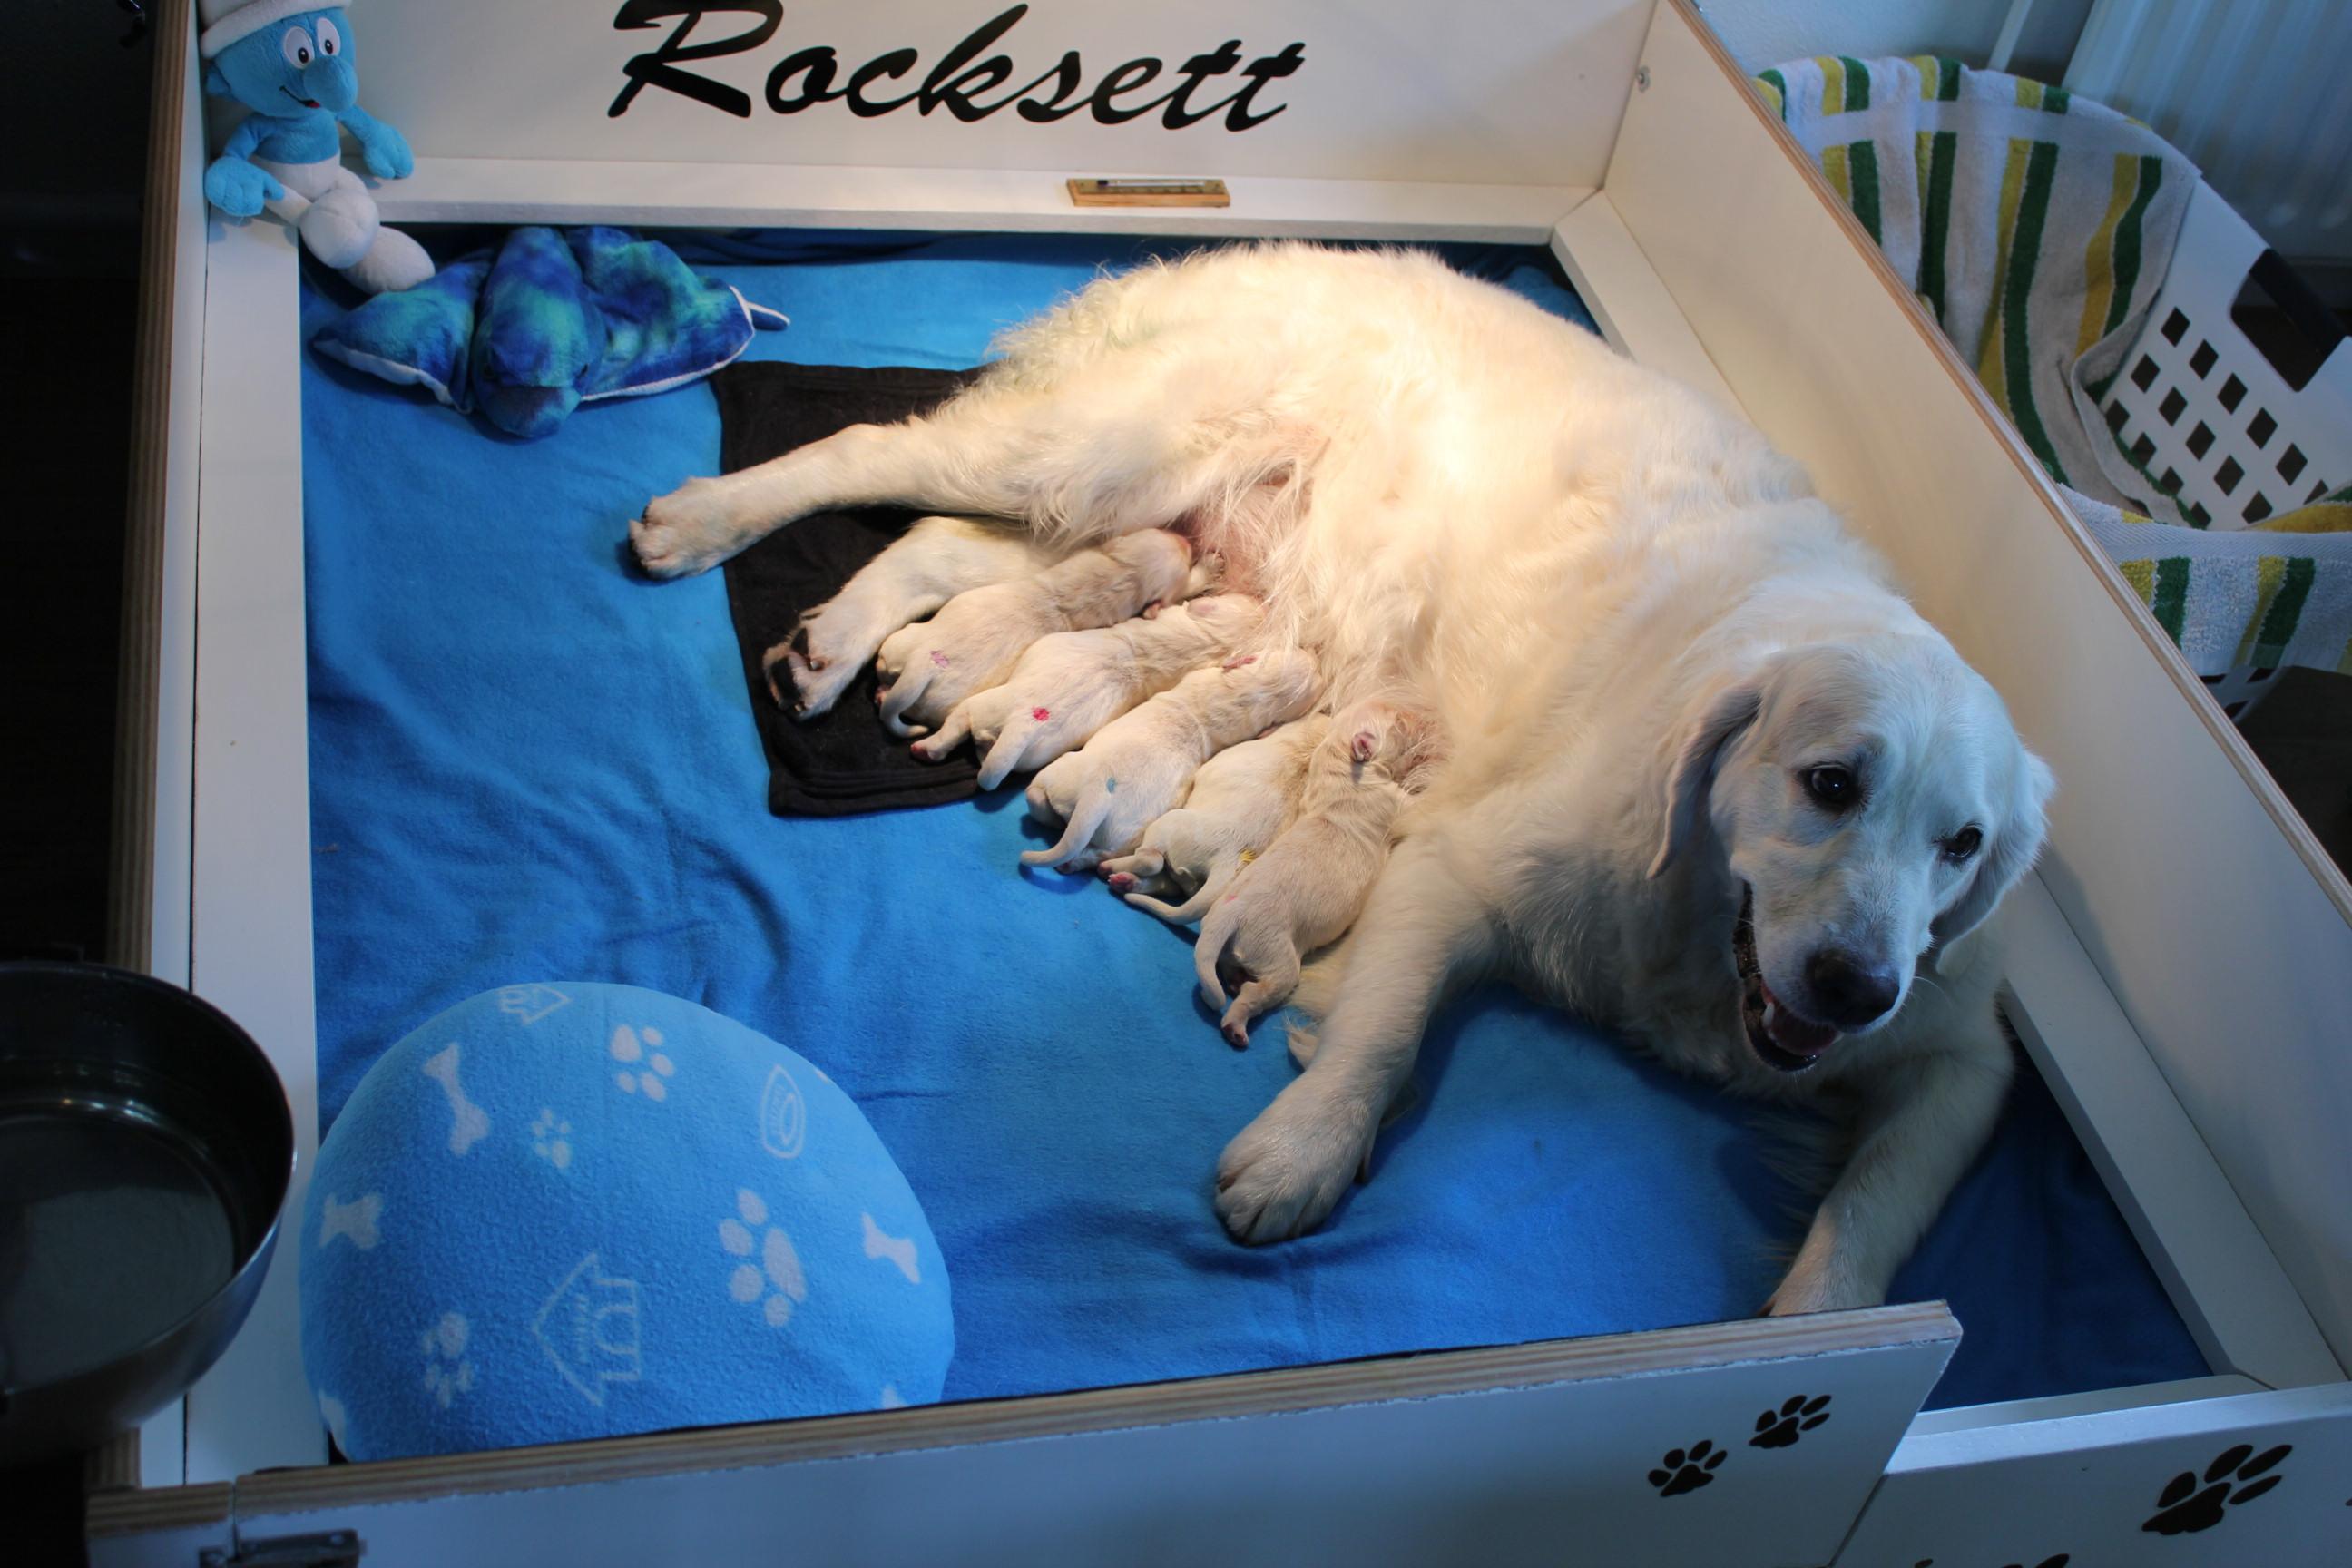 geboortedag: en daar ligt het prachtige vijftal met hun trotse mama!